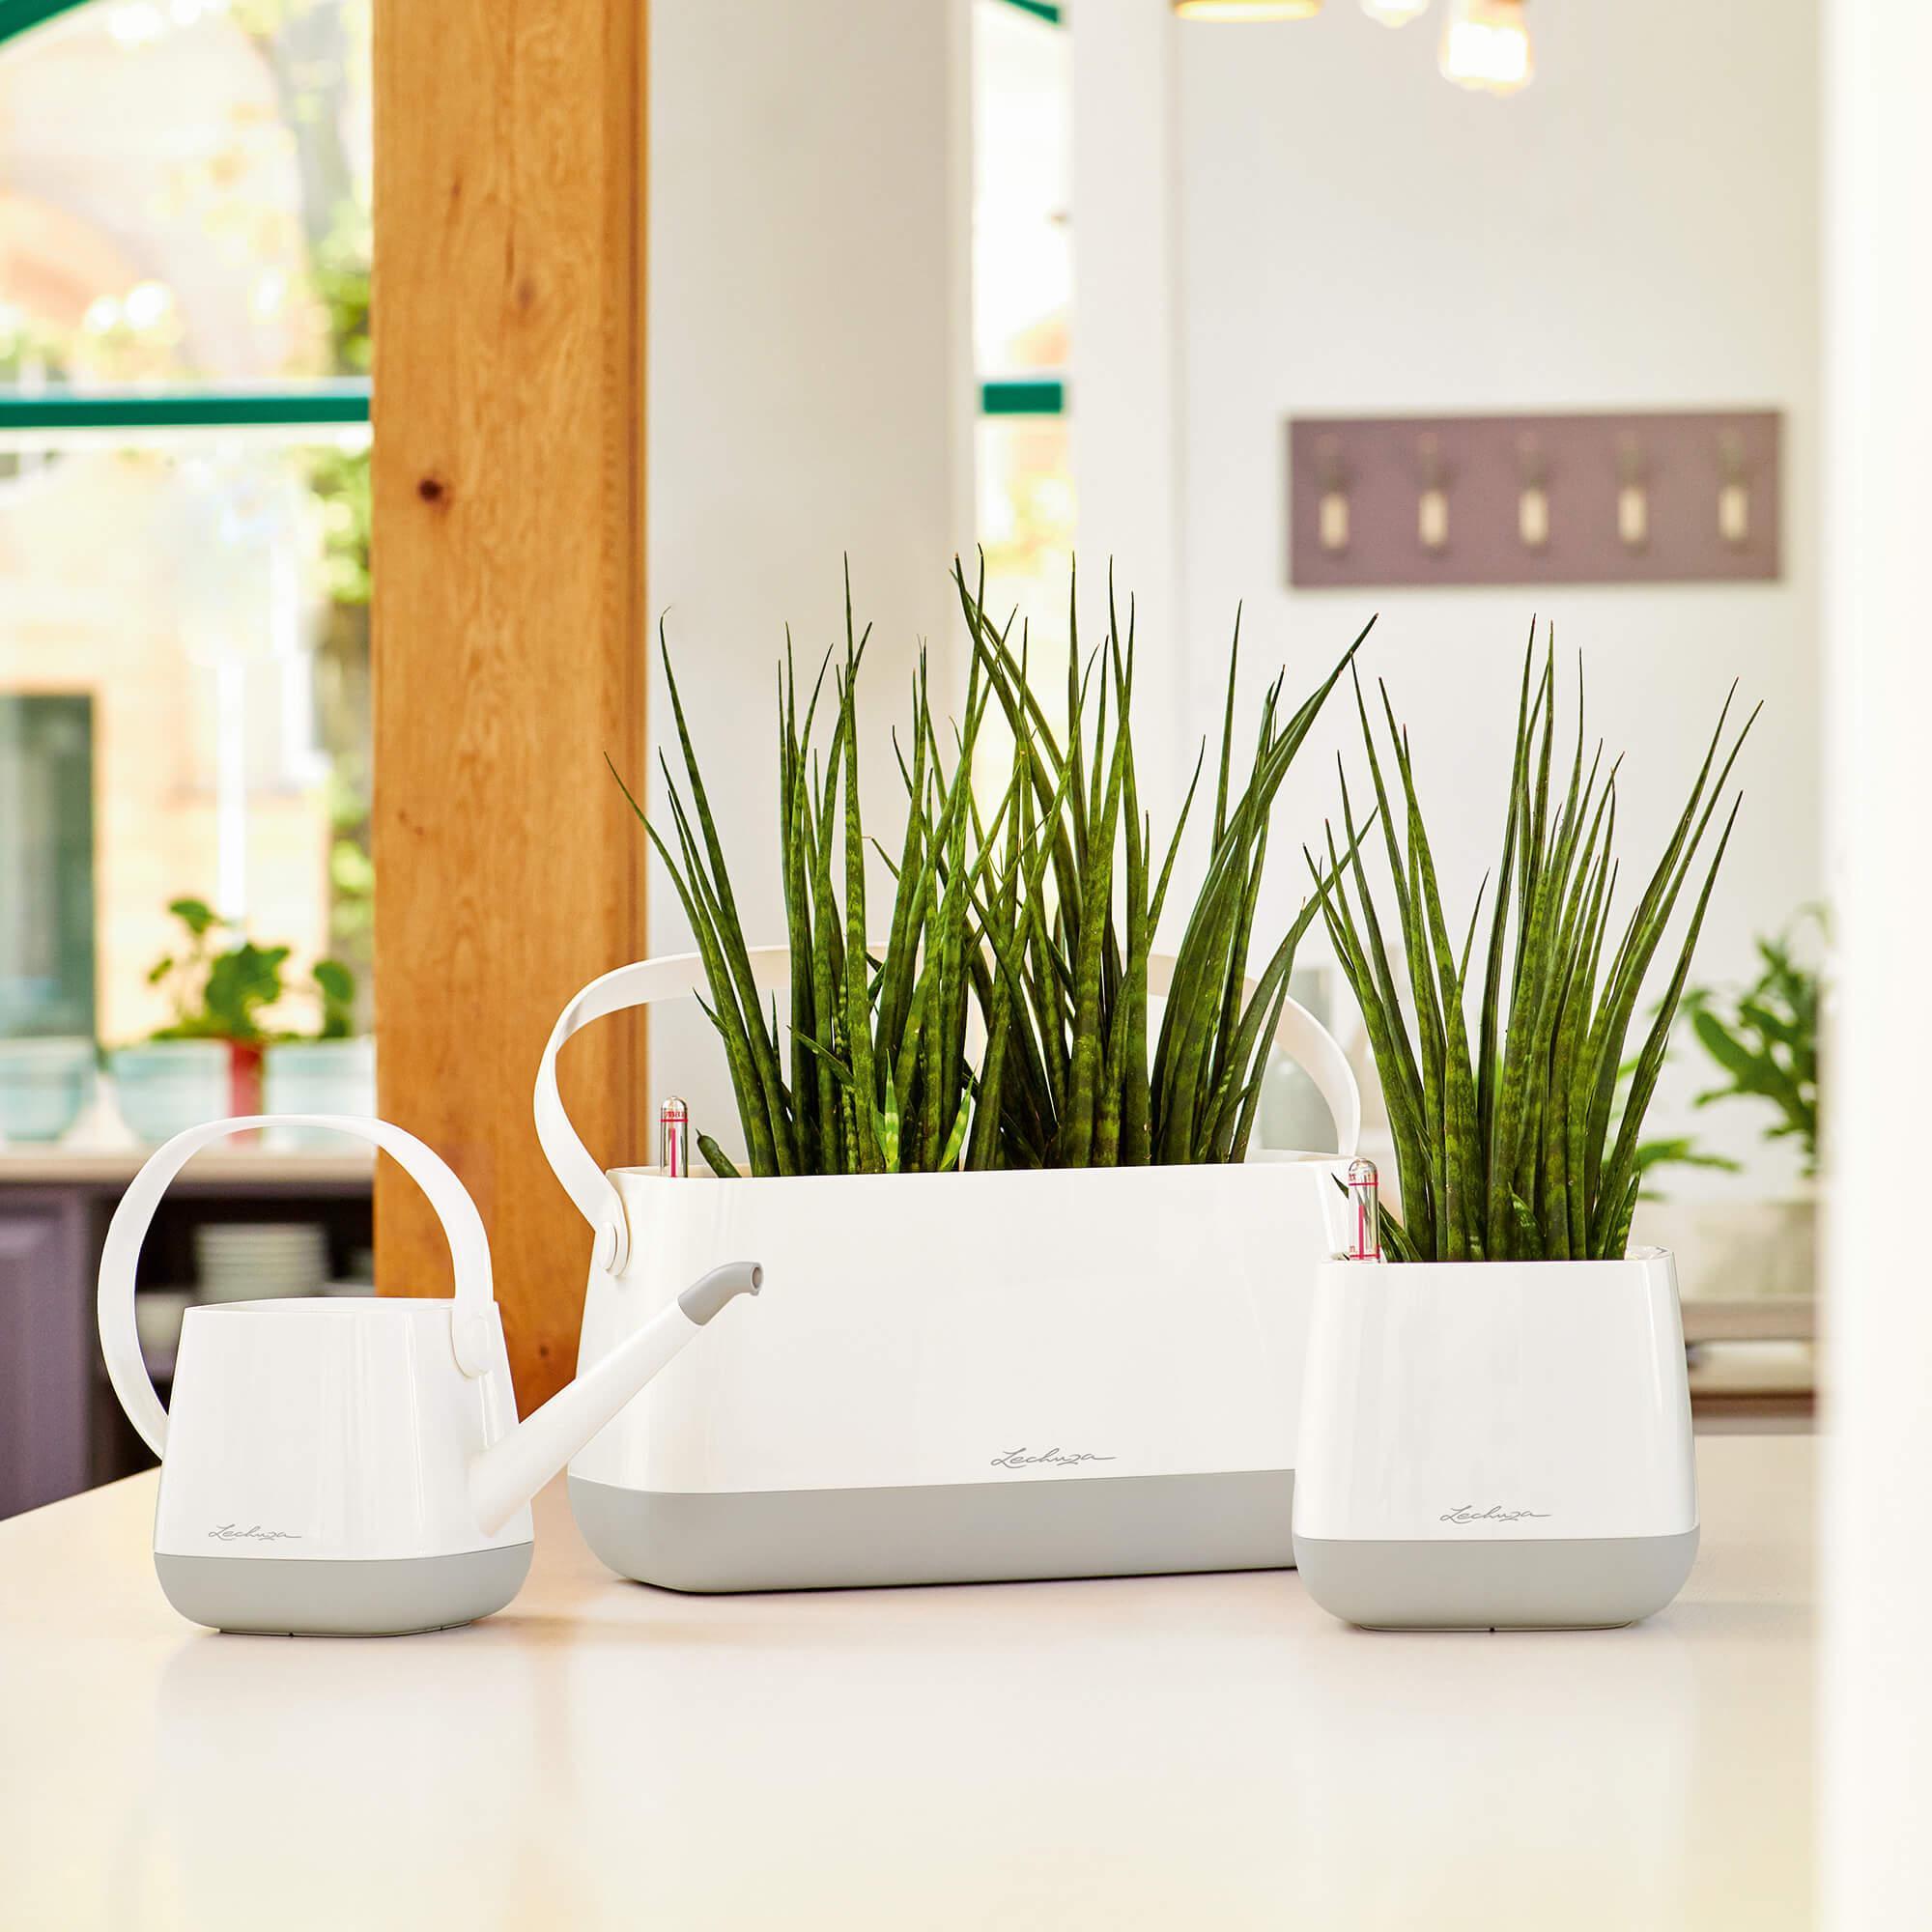 Корзинка для растений YULA белый/фисташковый - изображение 7